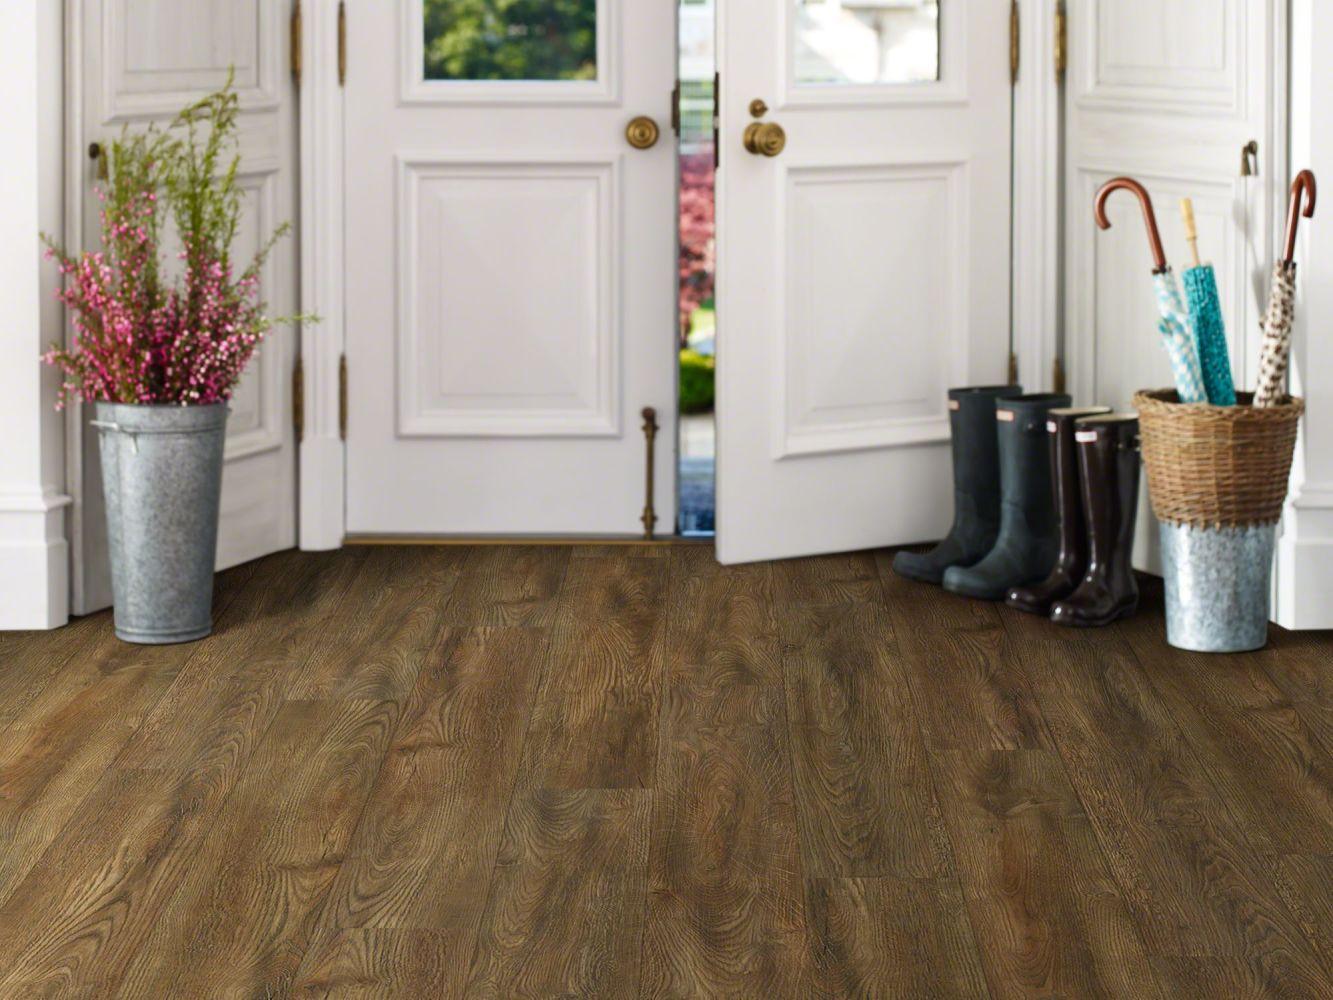 Shaw Floors Resilient Residential Prime Plank Vintage Oak 00723_0616V